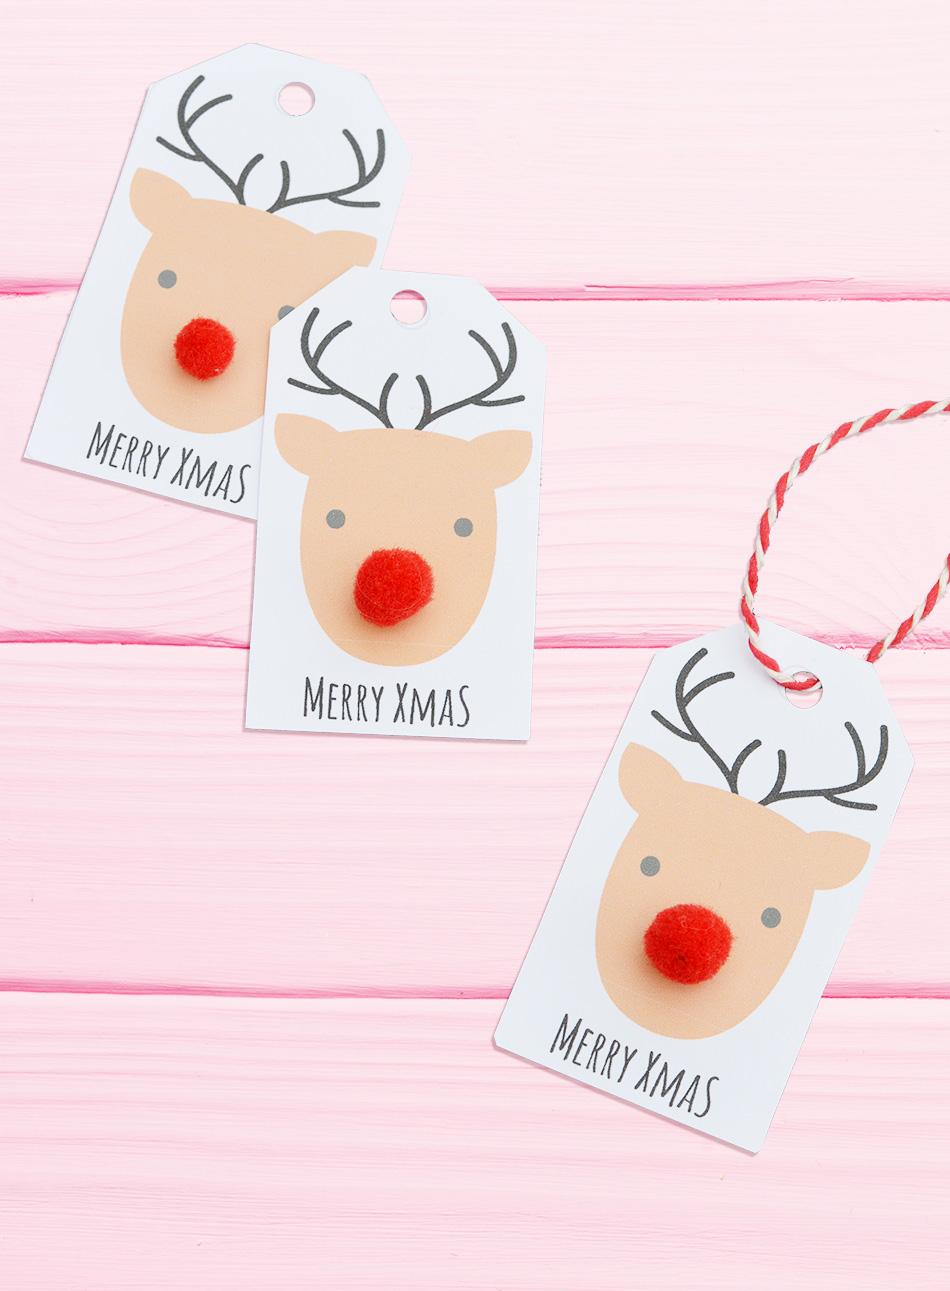 ✂ Bastelvorlagen Und Malvorlagen Zum Kostenlosen Ausdrucken mit Bastelvorlagen Zum Ausdrucken Weihnachten Kostenlos